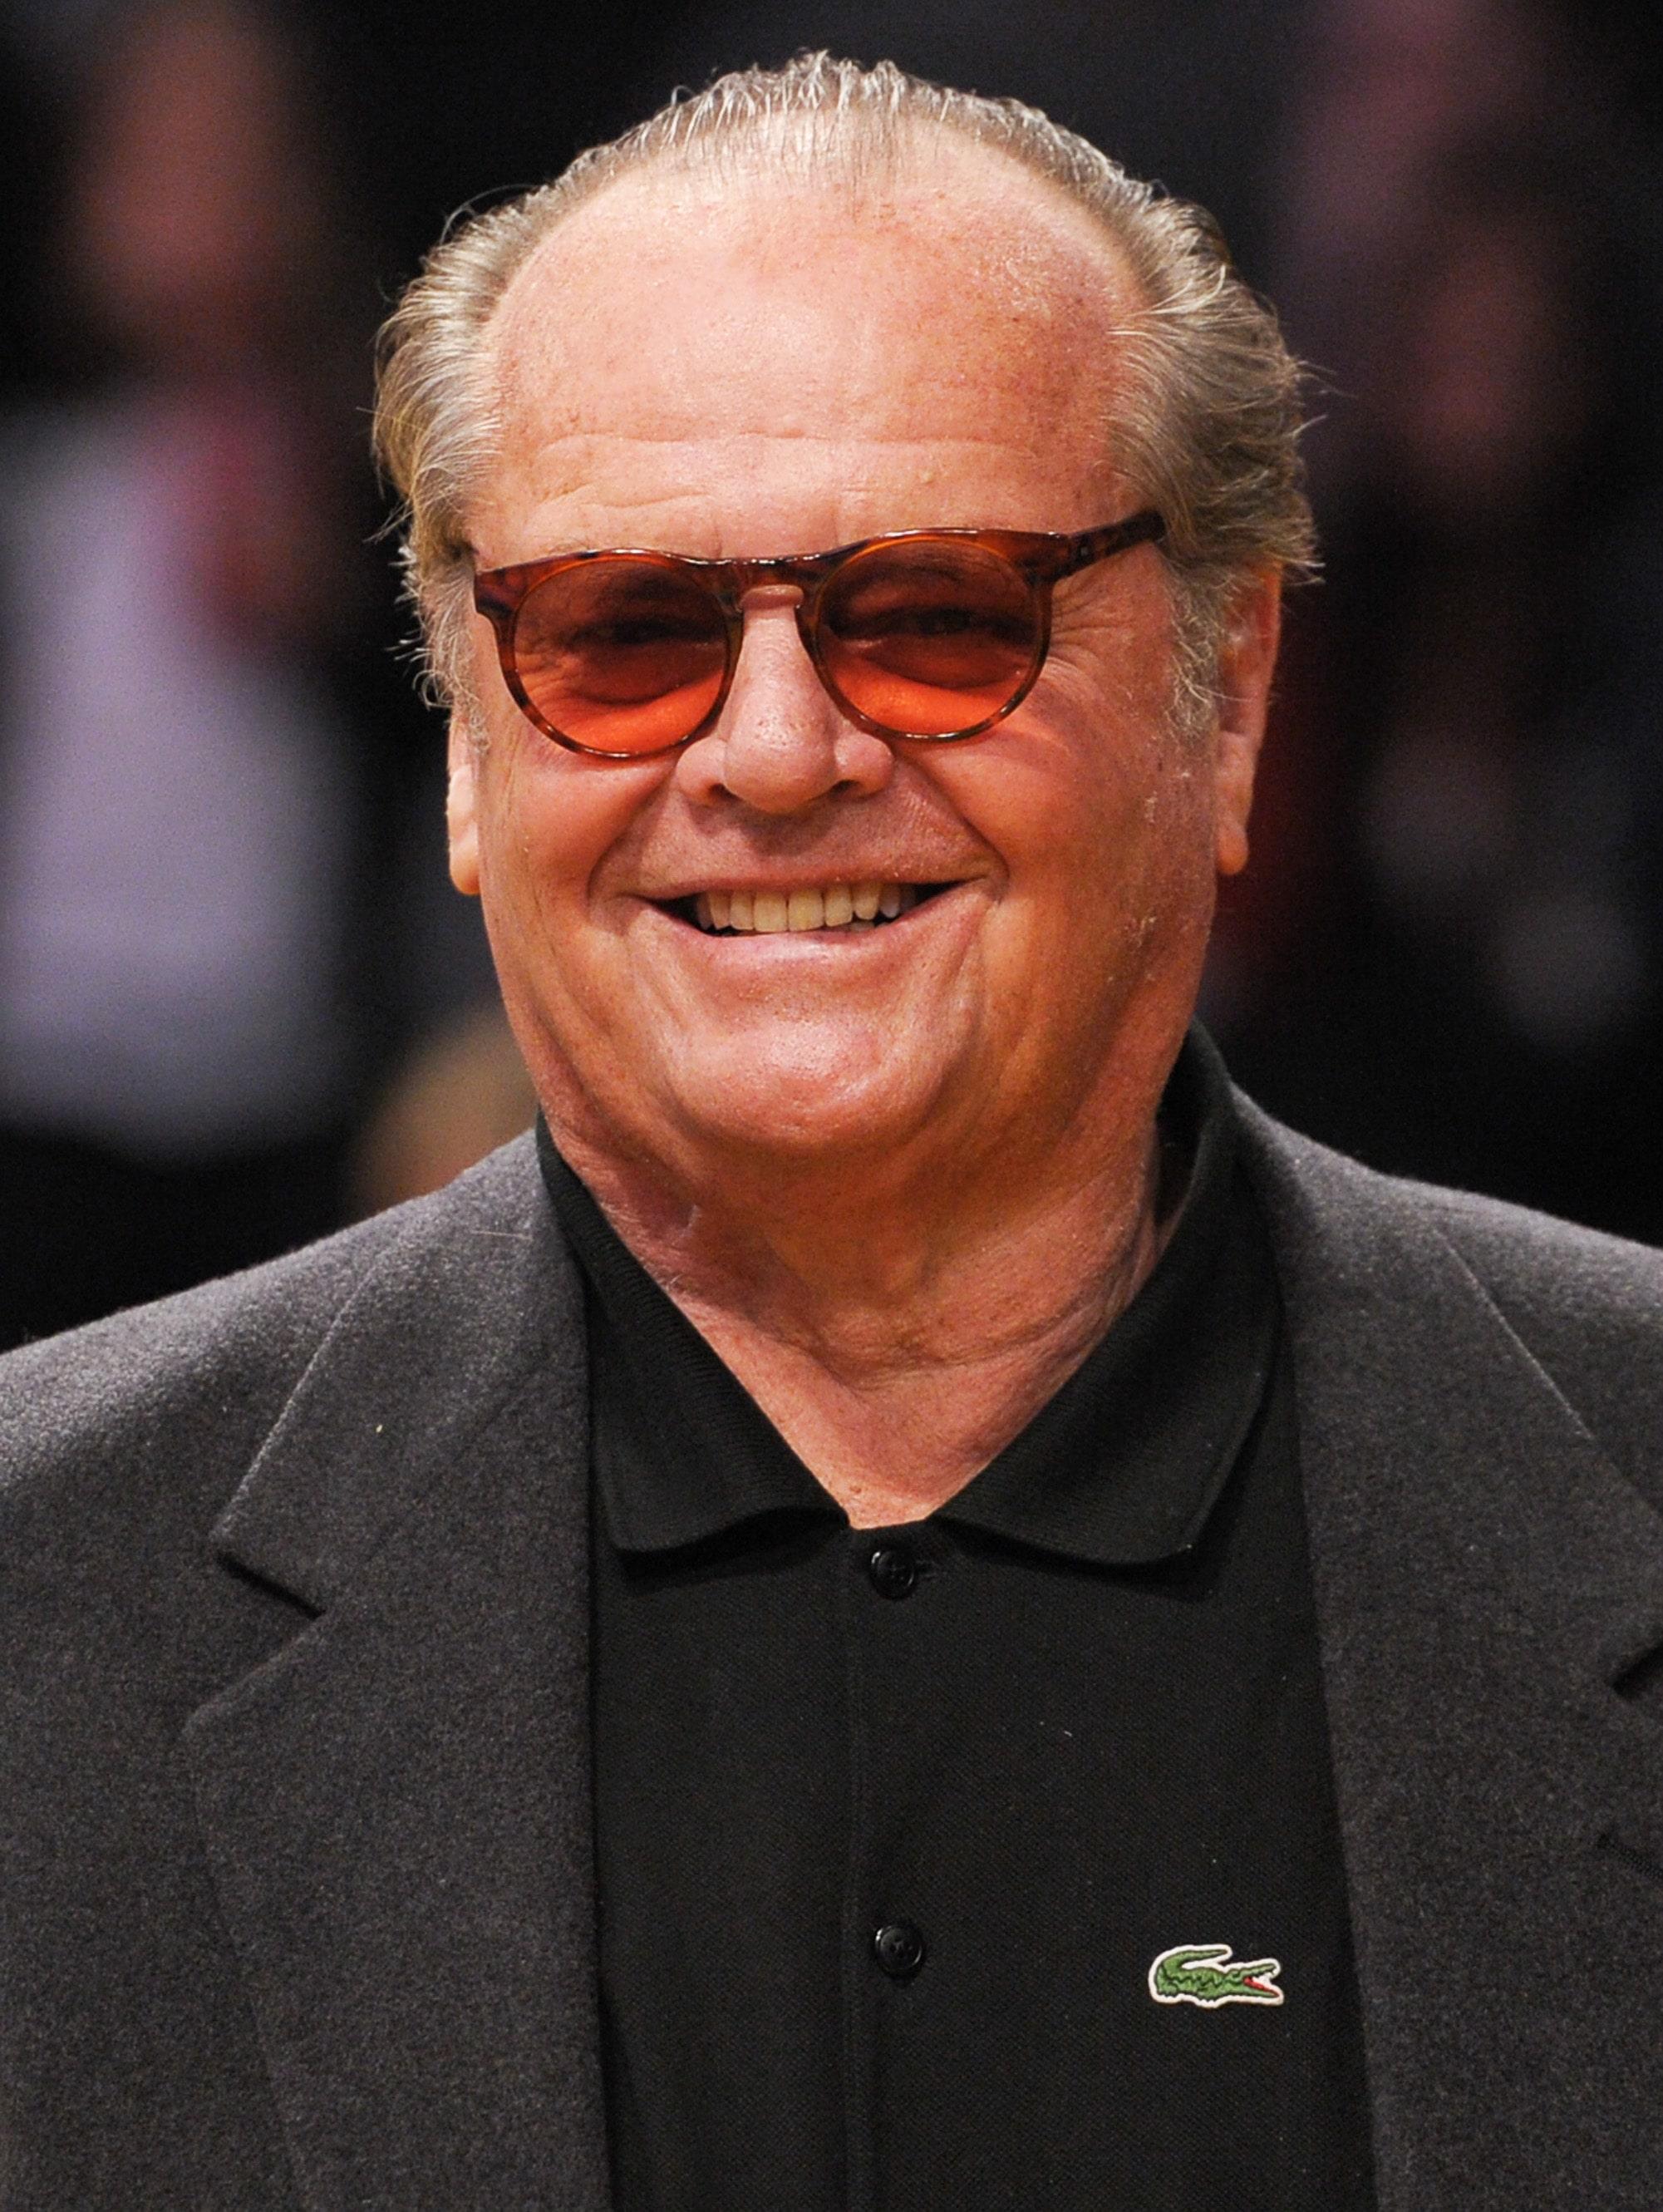 Jack Nicholson Wallpaper - WallpaperSafari